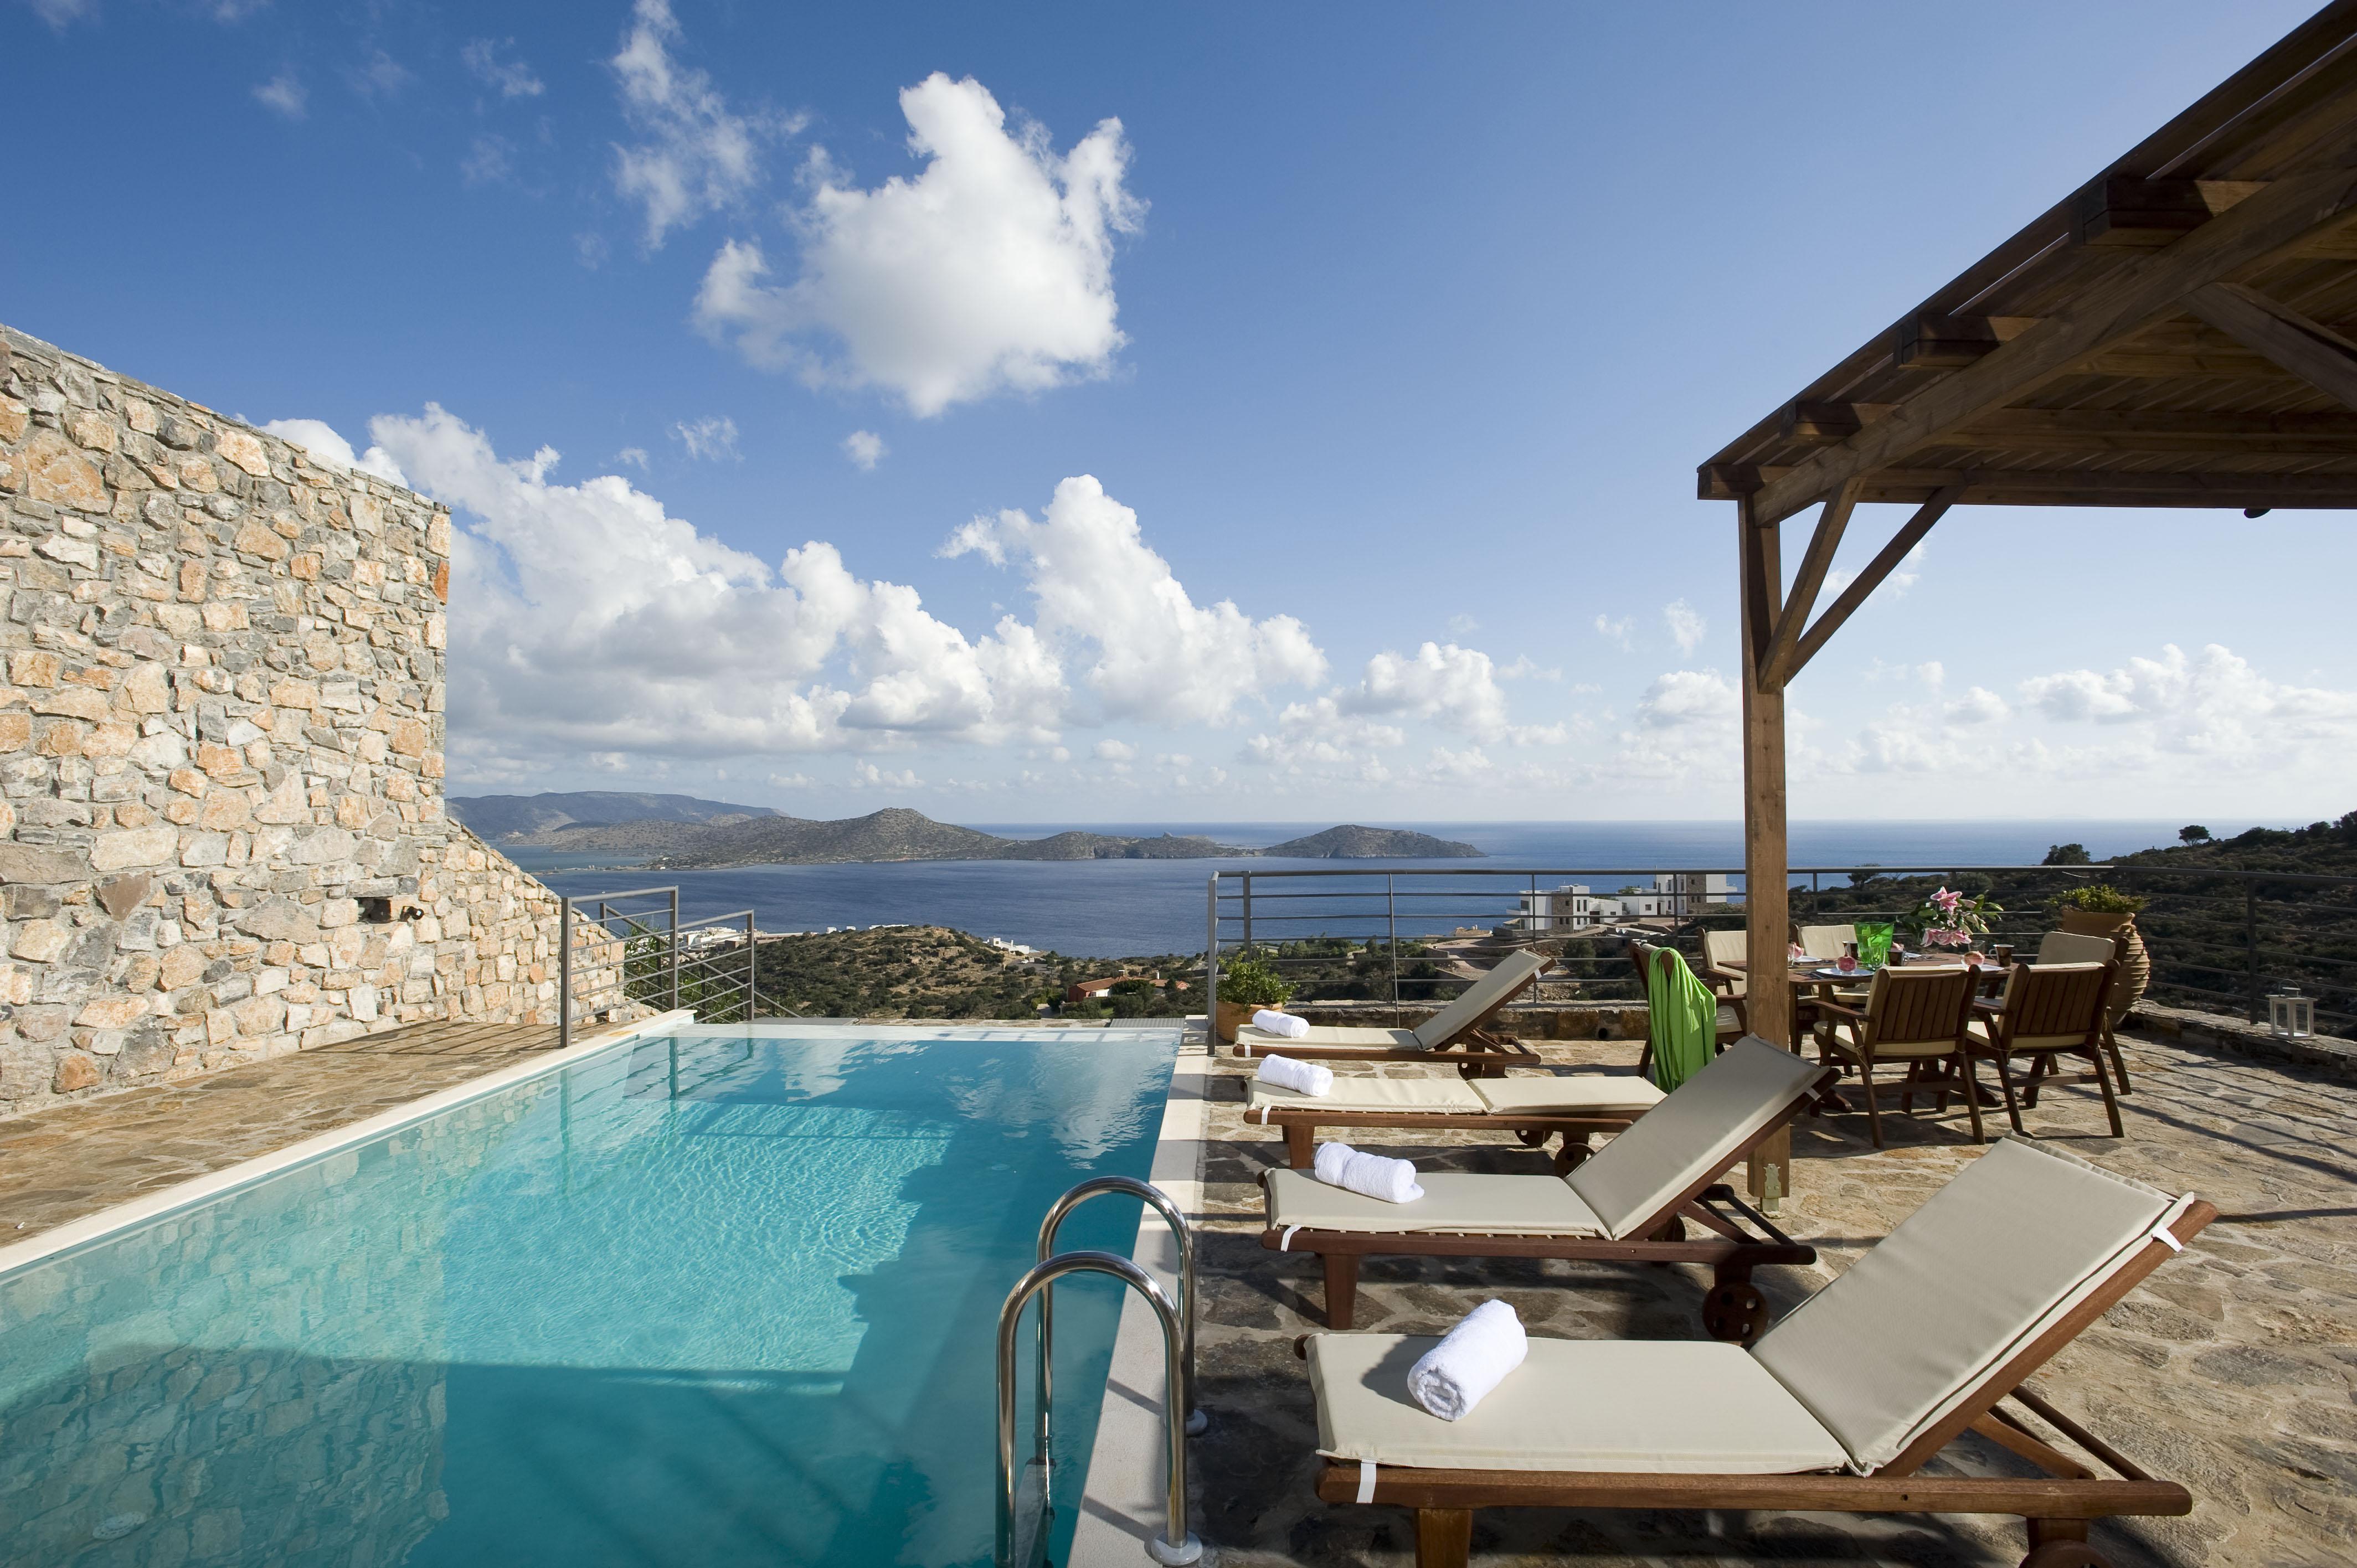 Greece Villa Vacation rentals Crete Elounda